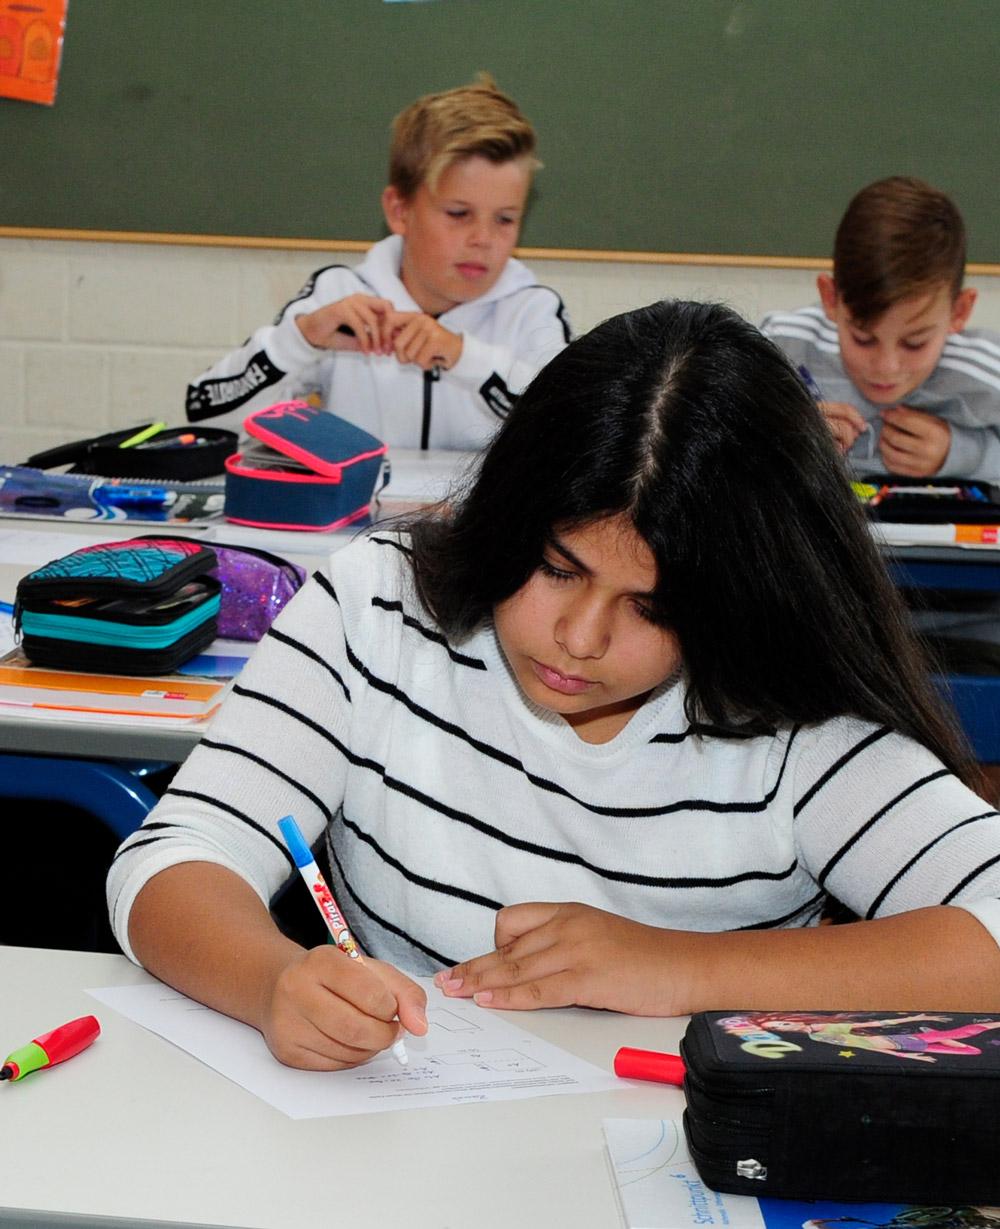 Schülerinnen und Schüler lösen Aufgaben im Mathematikunterricht